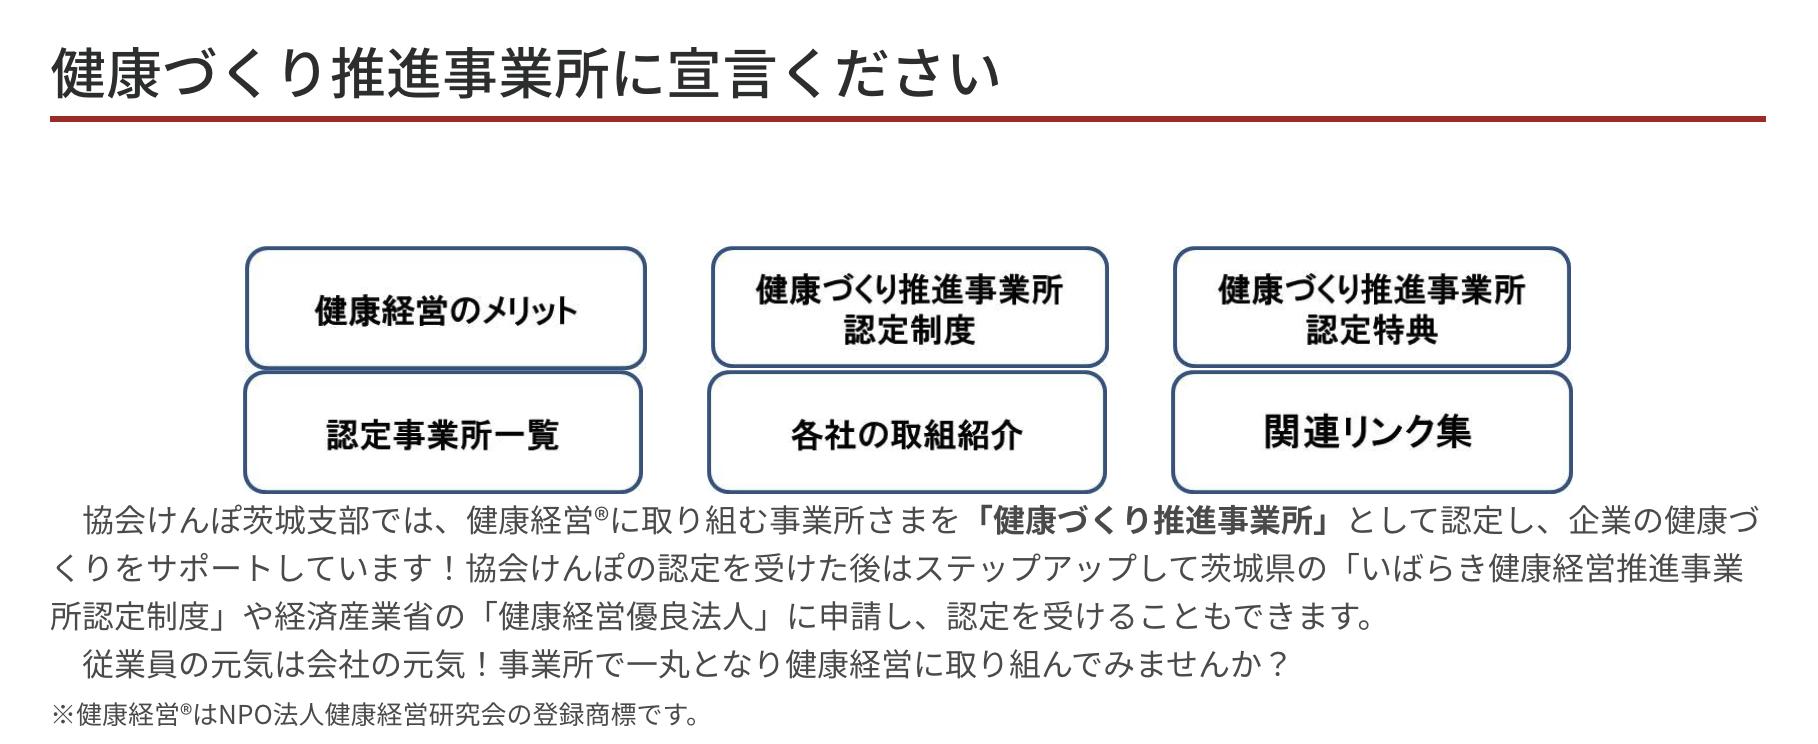 茨城けんぽ協会2021健康